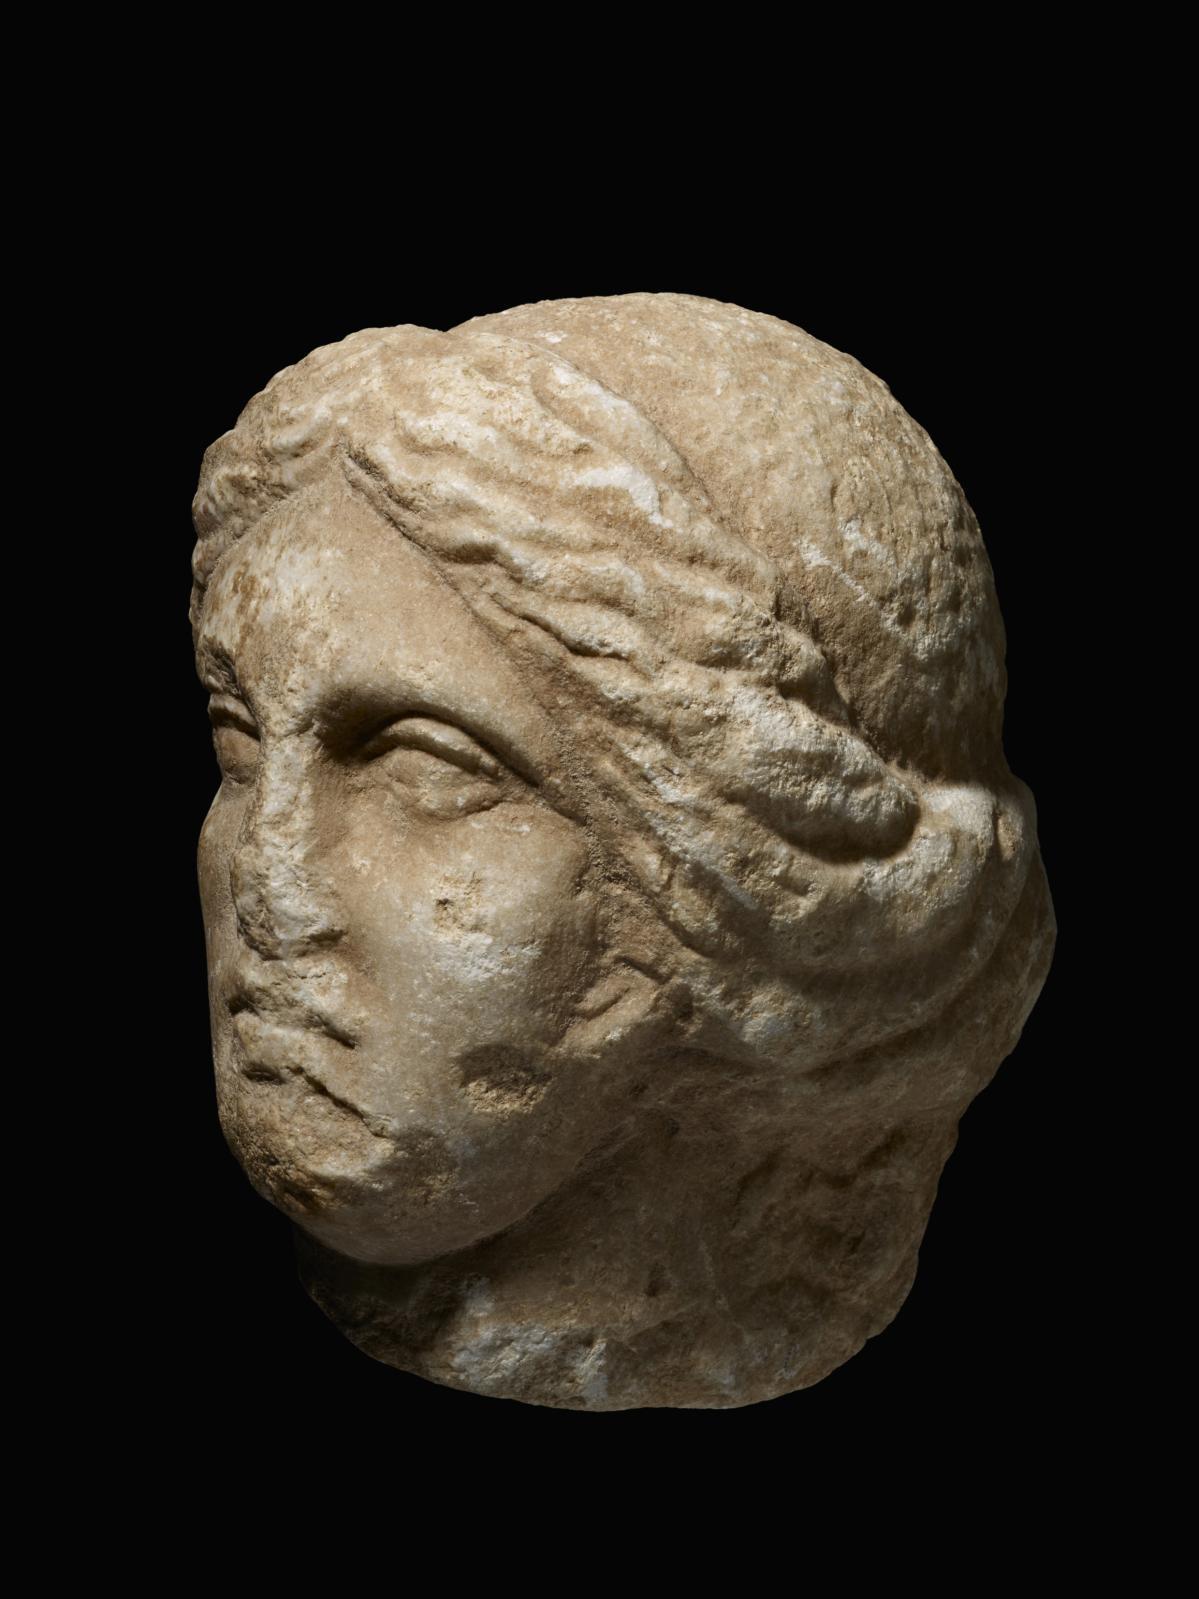 Tête féminine (Aphrodite?), fin de l'époque hellénistique, Ier siècle av. J.C.- Iersiècle apr. J.C, marbre à patine rougeâtre, h.22cm. Provenance